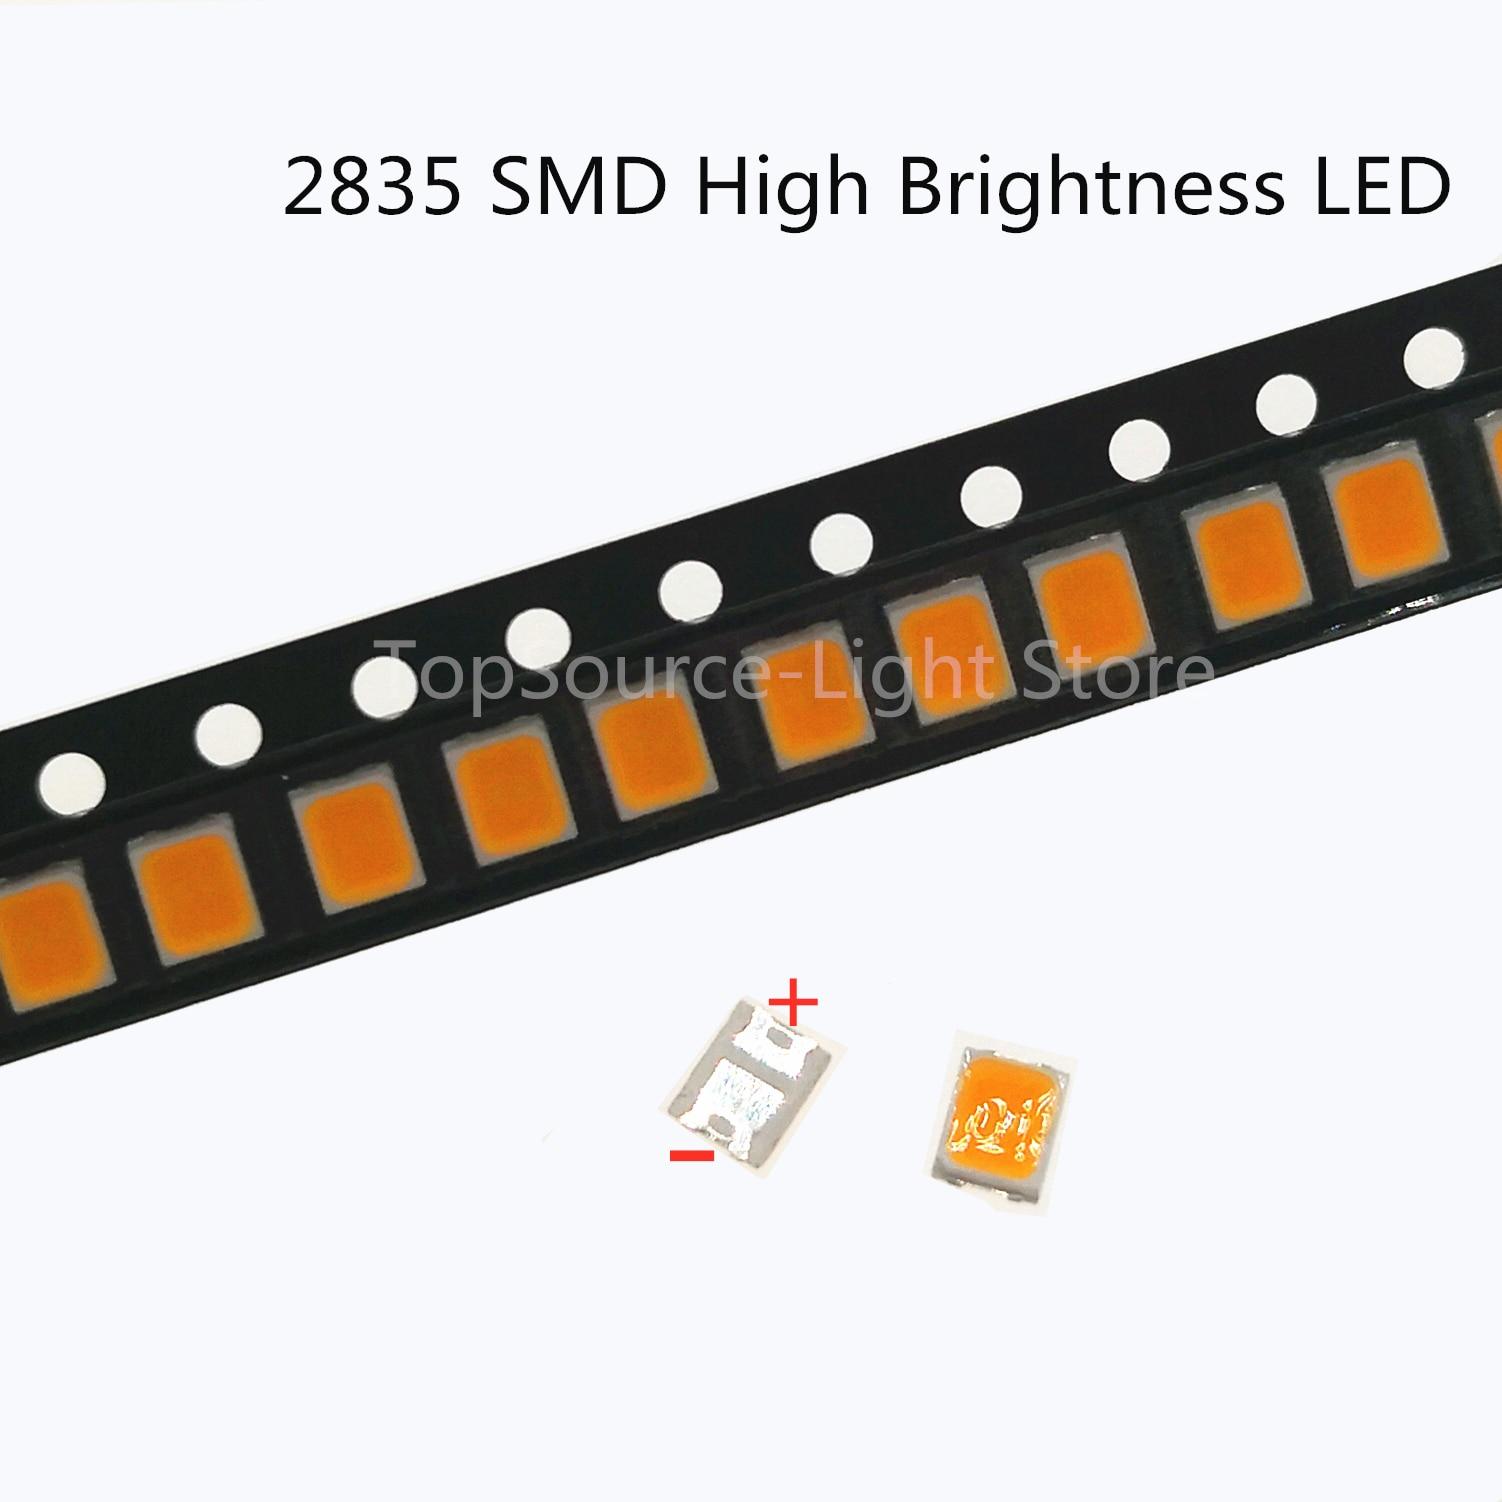 50pcs-high-brightness-2835-smd-led-chip-1w-18v-9v-6v-3v-36v-warm-nature-cold-white-led-3000k-9500k-light-emitting-diode-lamp